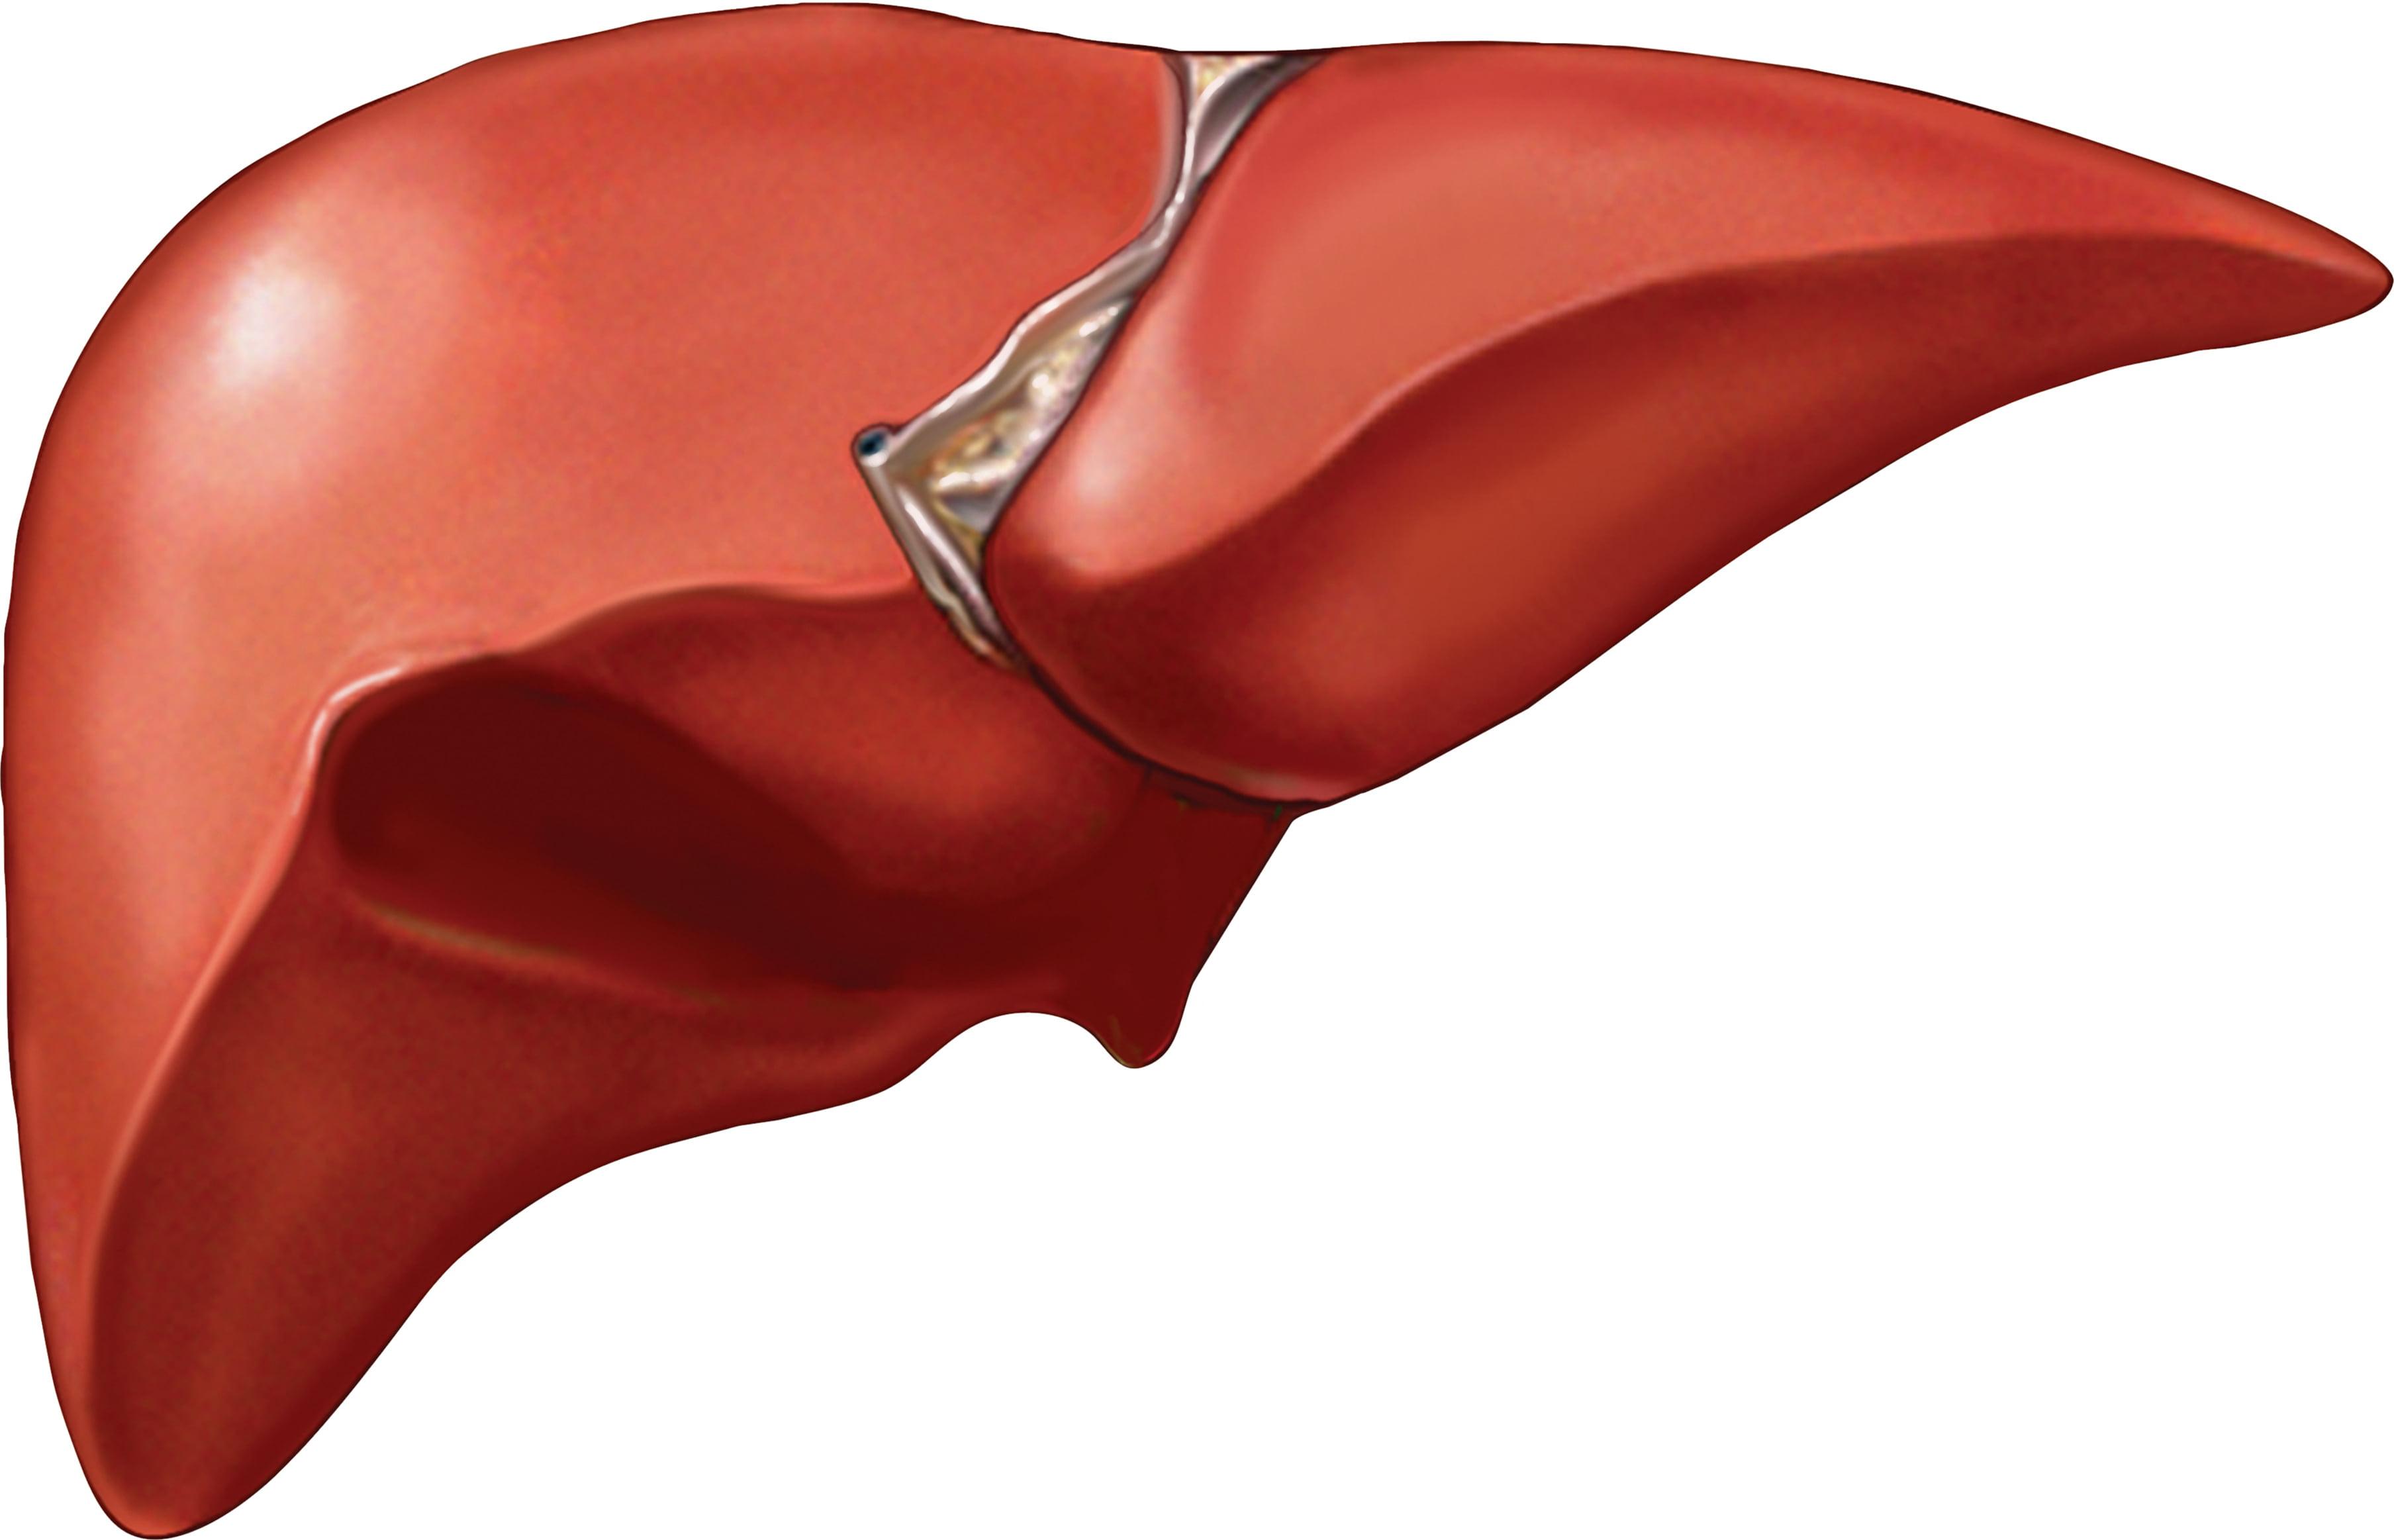 �� Alimentele care trebuie evitate pentru sănătatea prostatei - Medicul tău